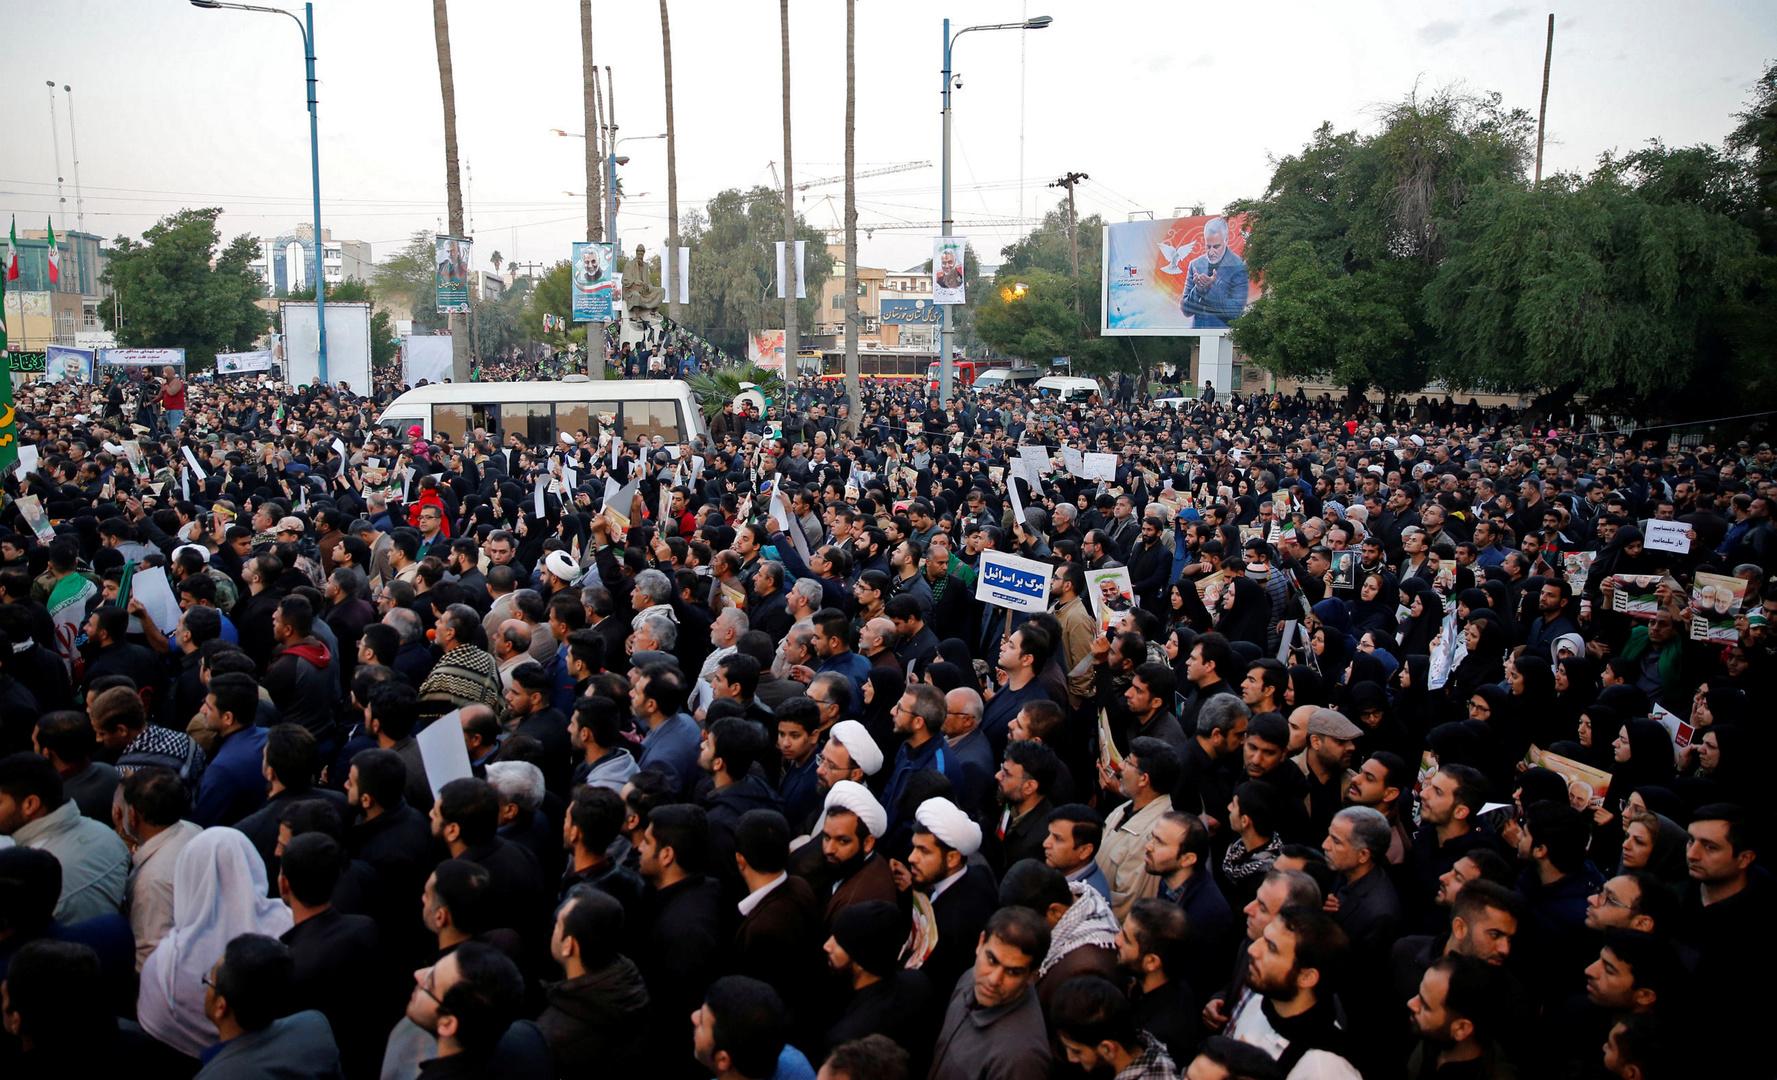 Iran: Hunderttausende beim Trauerzug für ermordeten General Soleimani in Ahvaz